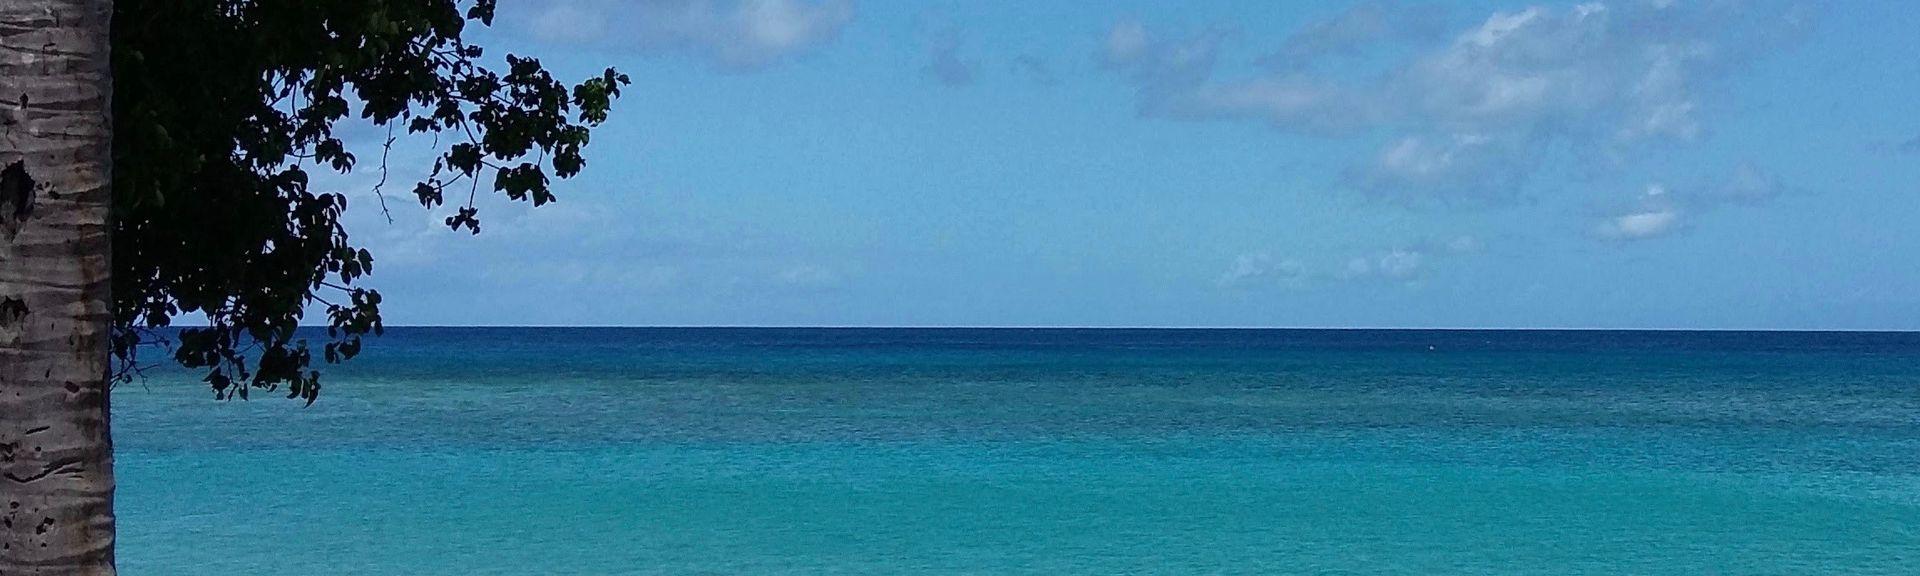 The Rock, Barbados